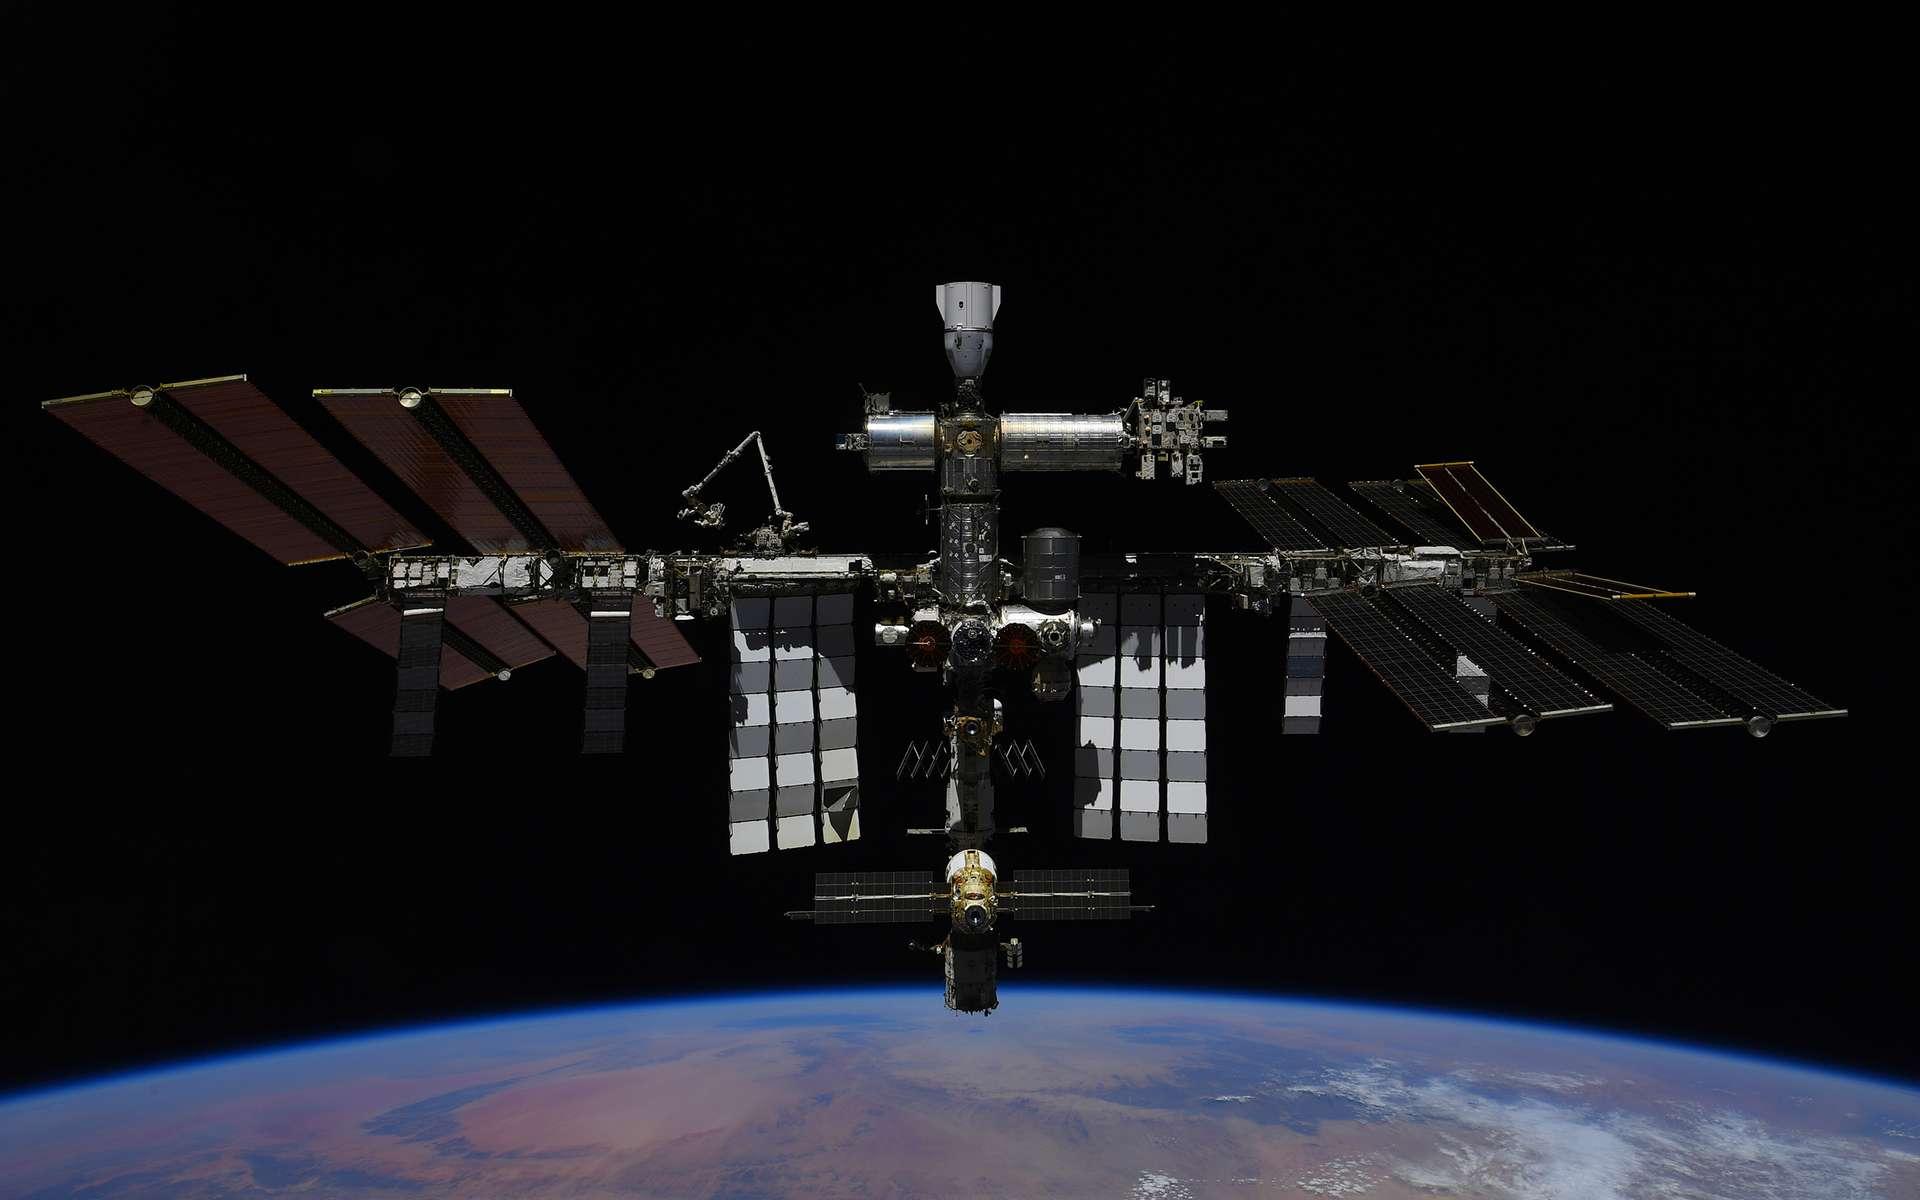 La Station spatiale internationale vue depuis un véhicule Soyouz. © Roscosmos, P. Dubrov